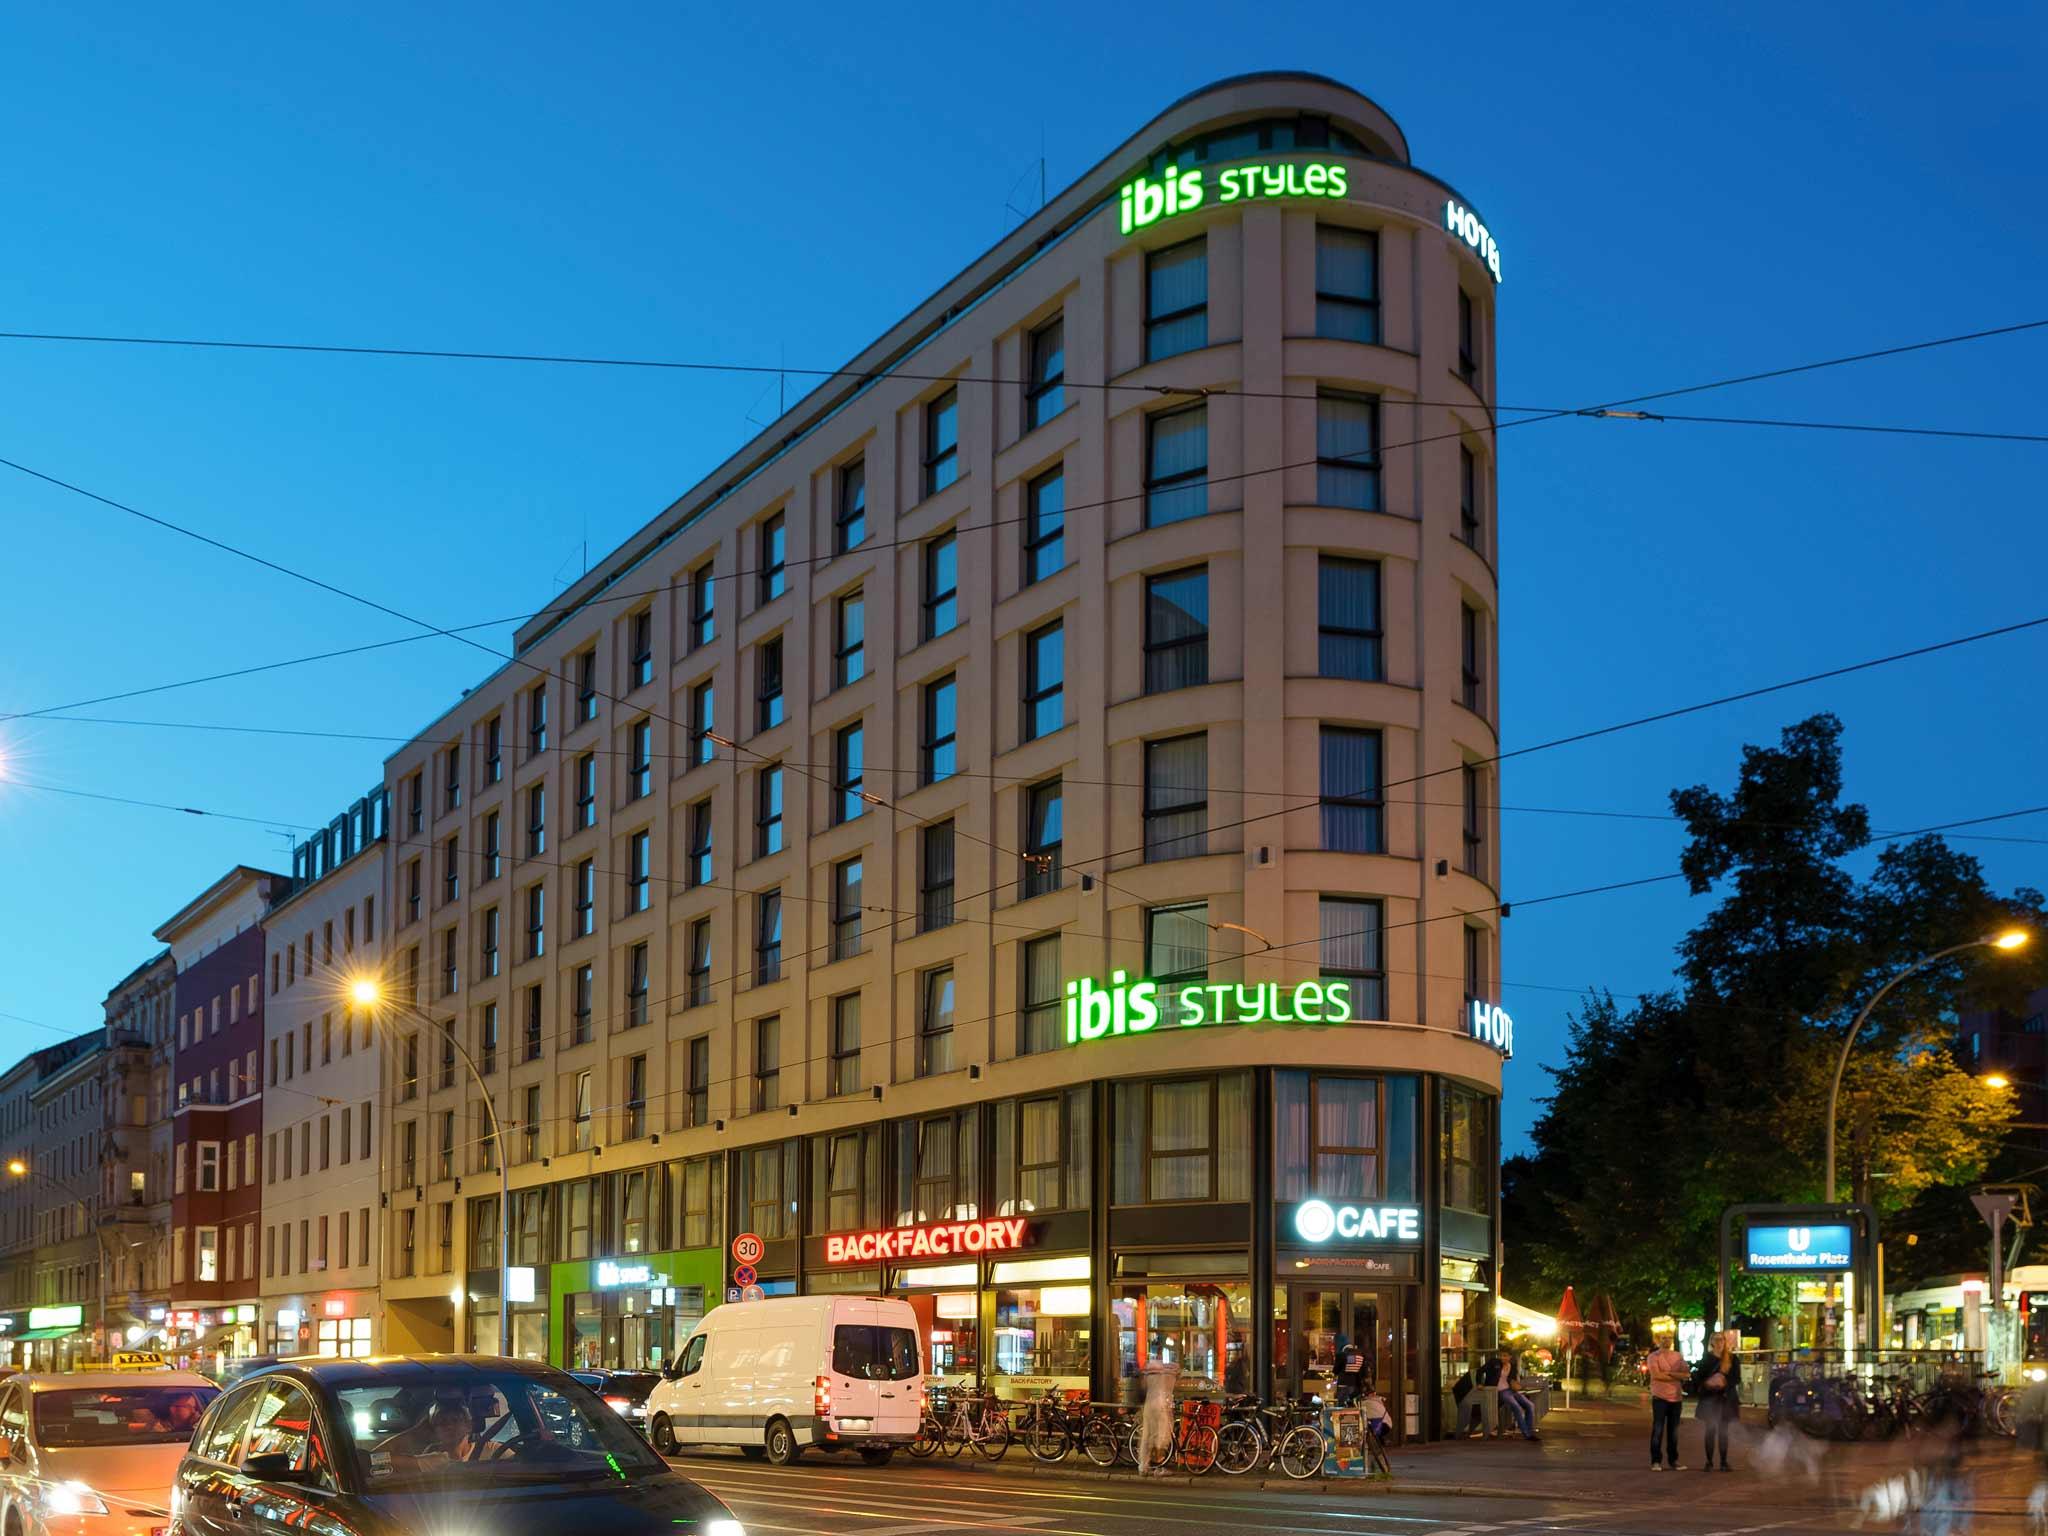 فندق - فندق إيبيس ستايلز ibis Styles برلين ميتي